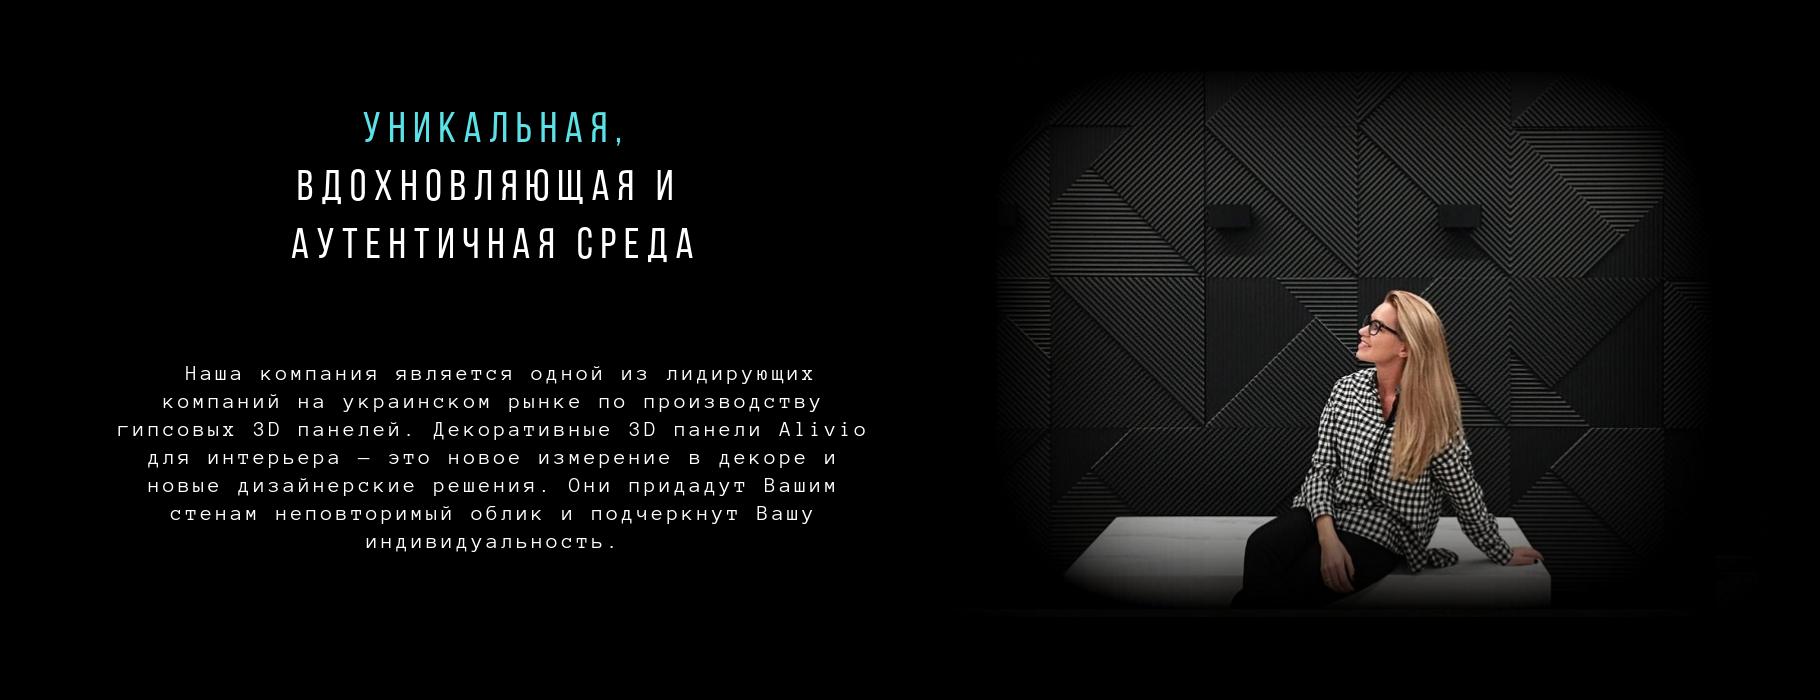 Эколгически чистые 3д панели аливио от производителя купить цена монтаж украина_alivio.com.ua